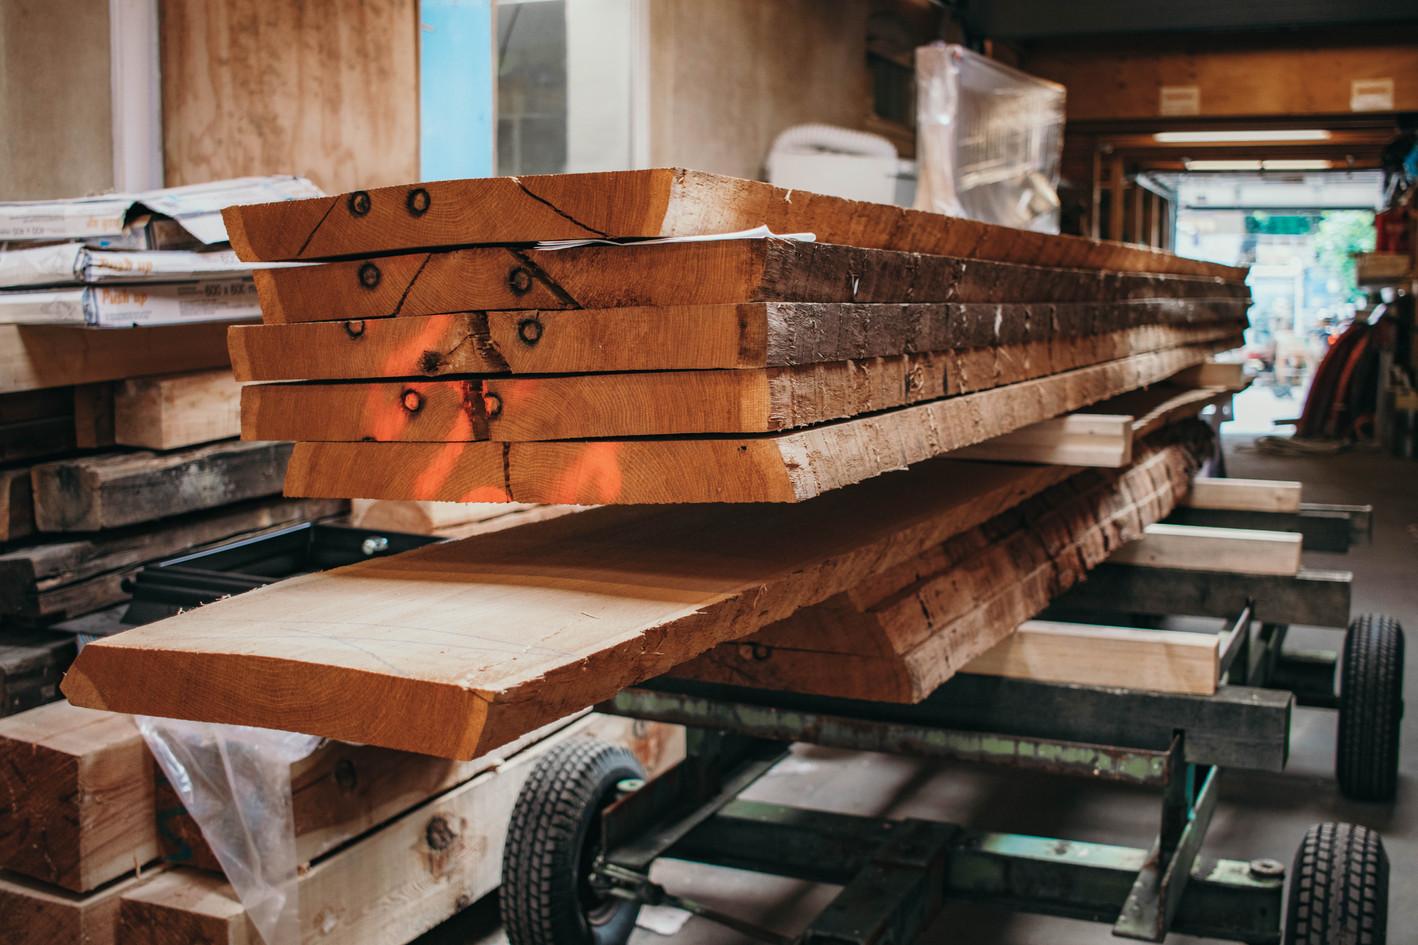 Plankeborde klar til arbejde